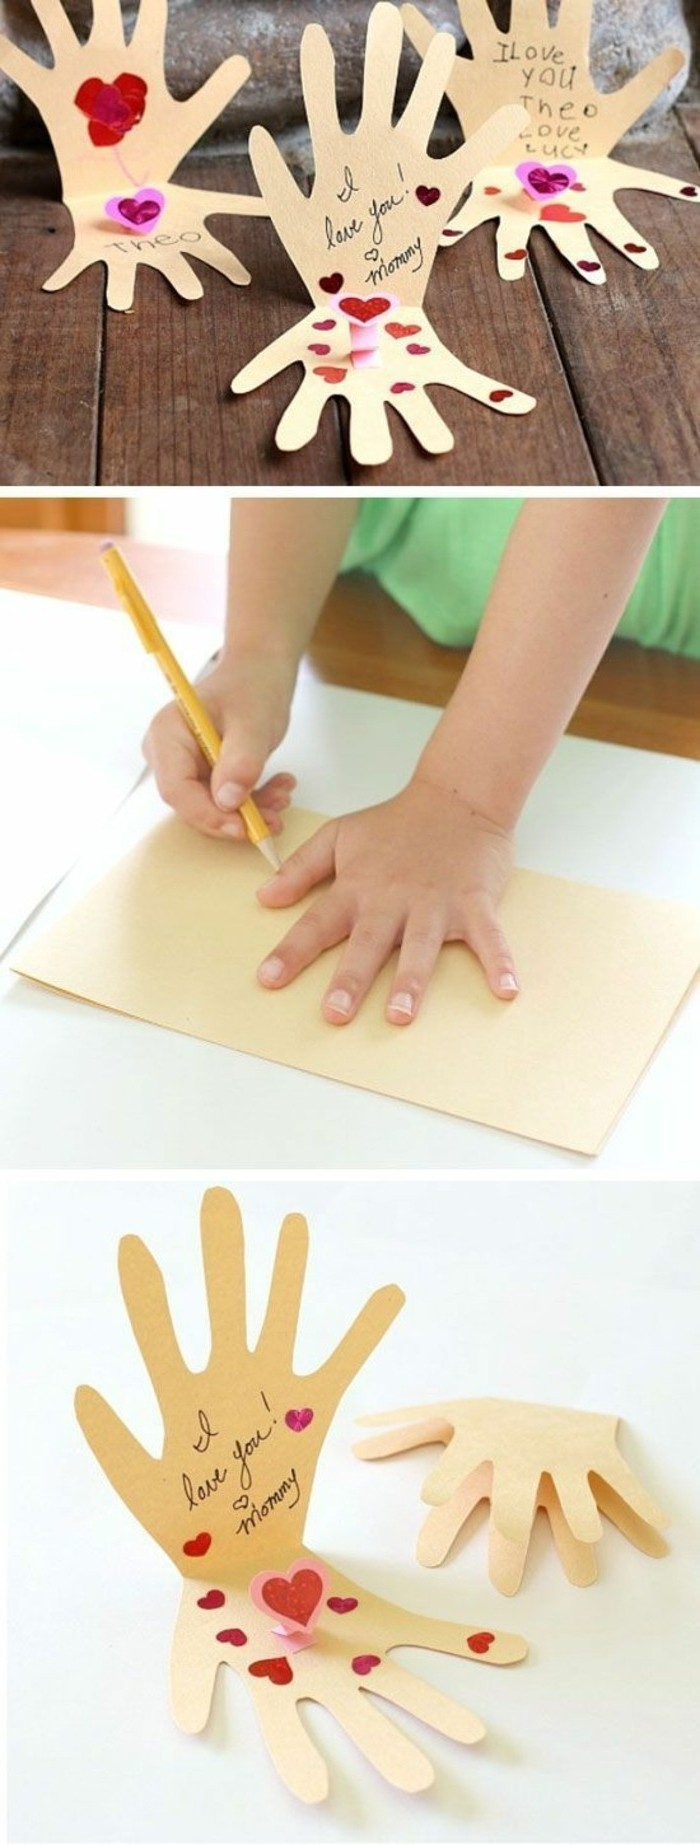 Activité Manuelle Avec Du Papier Peint ▷1001+ idées créatives d'activité manuelle pour maternelle